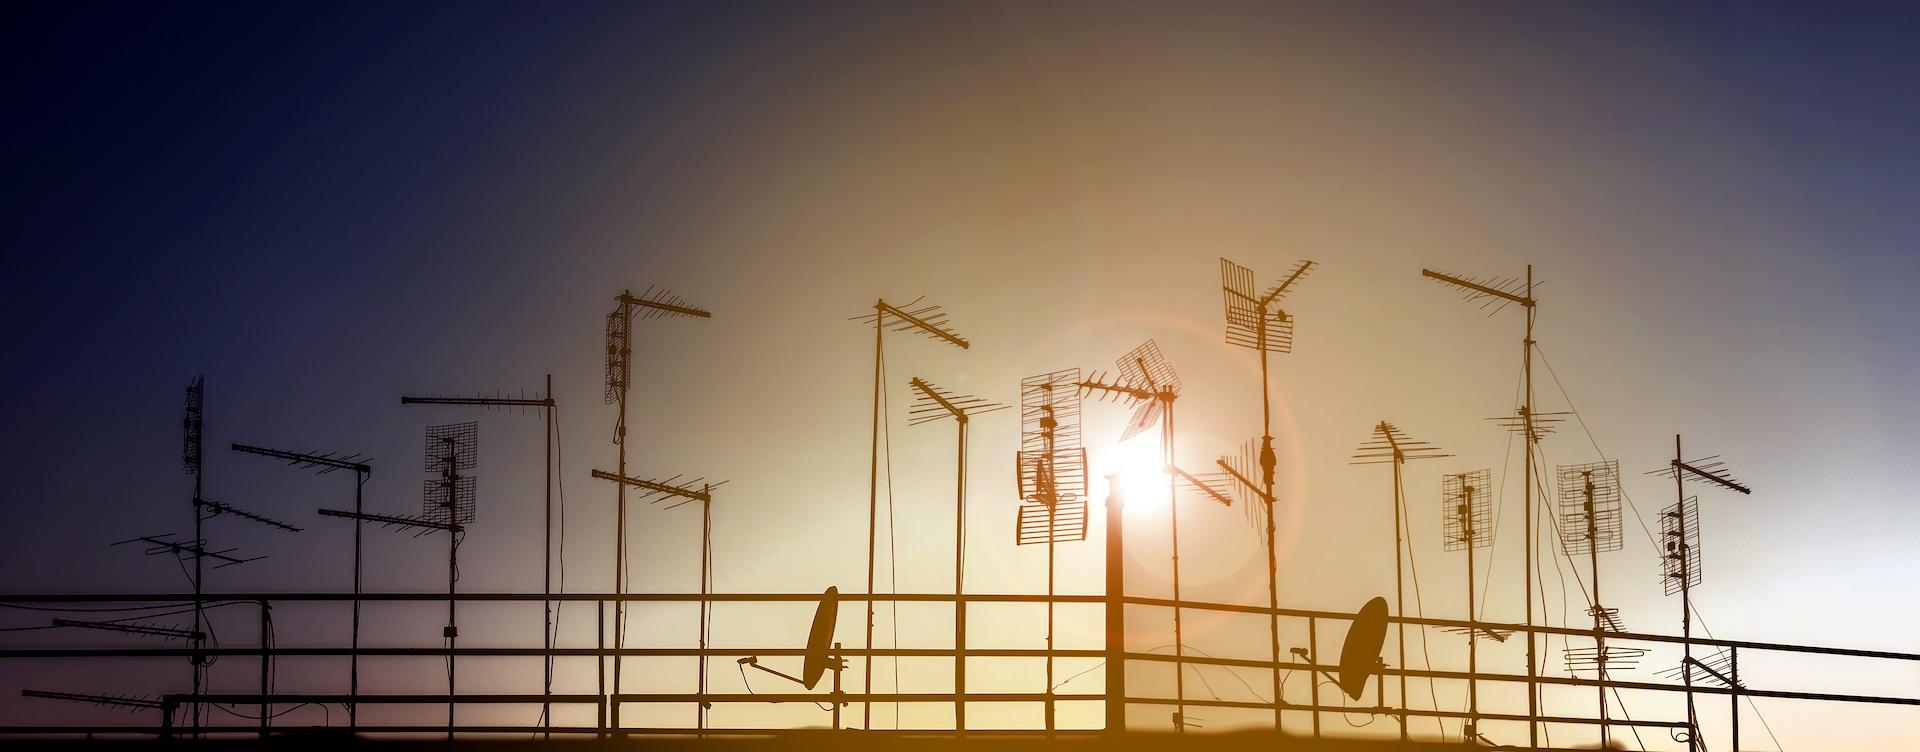 Skyline urbano con silhouette di antenne